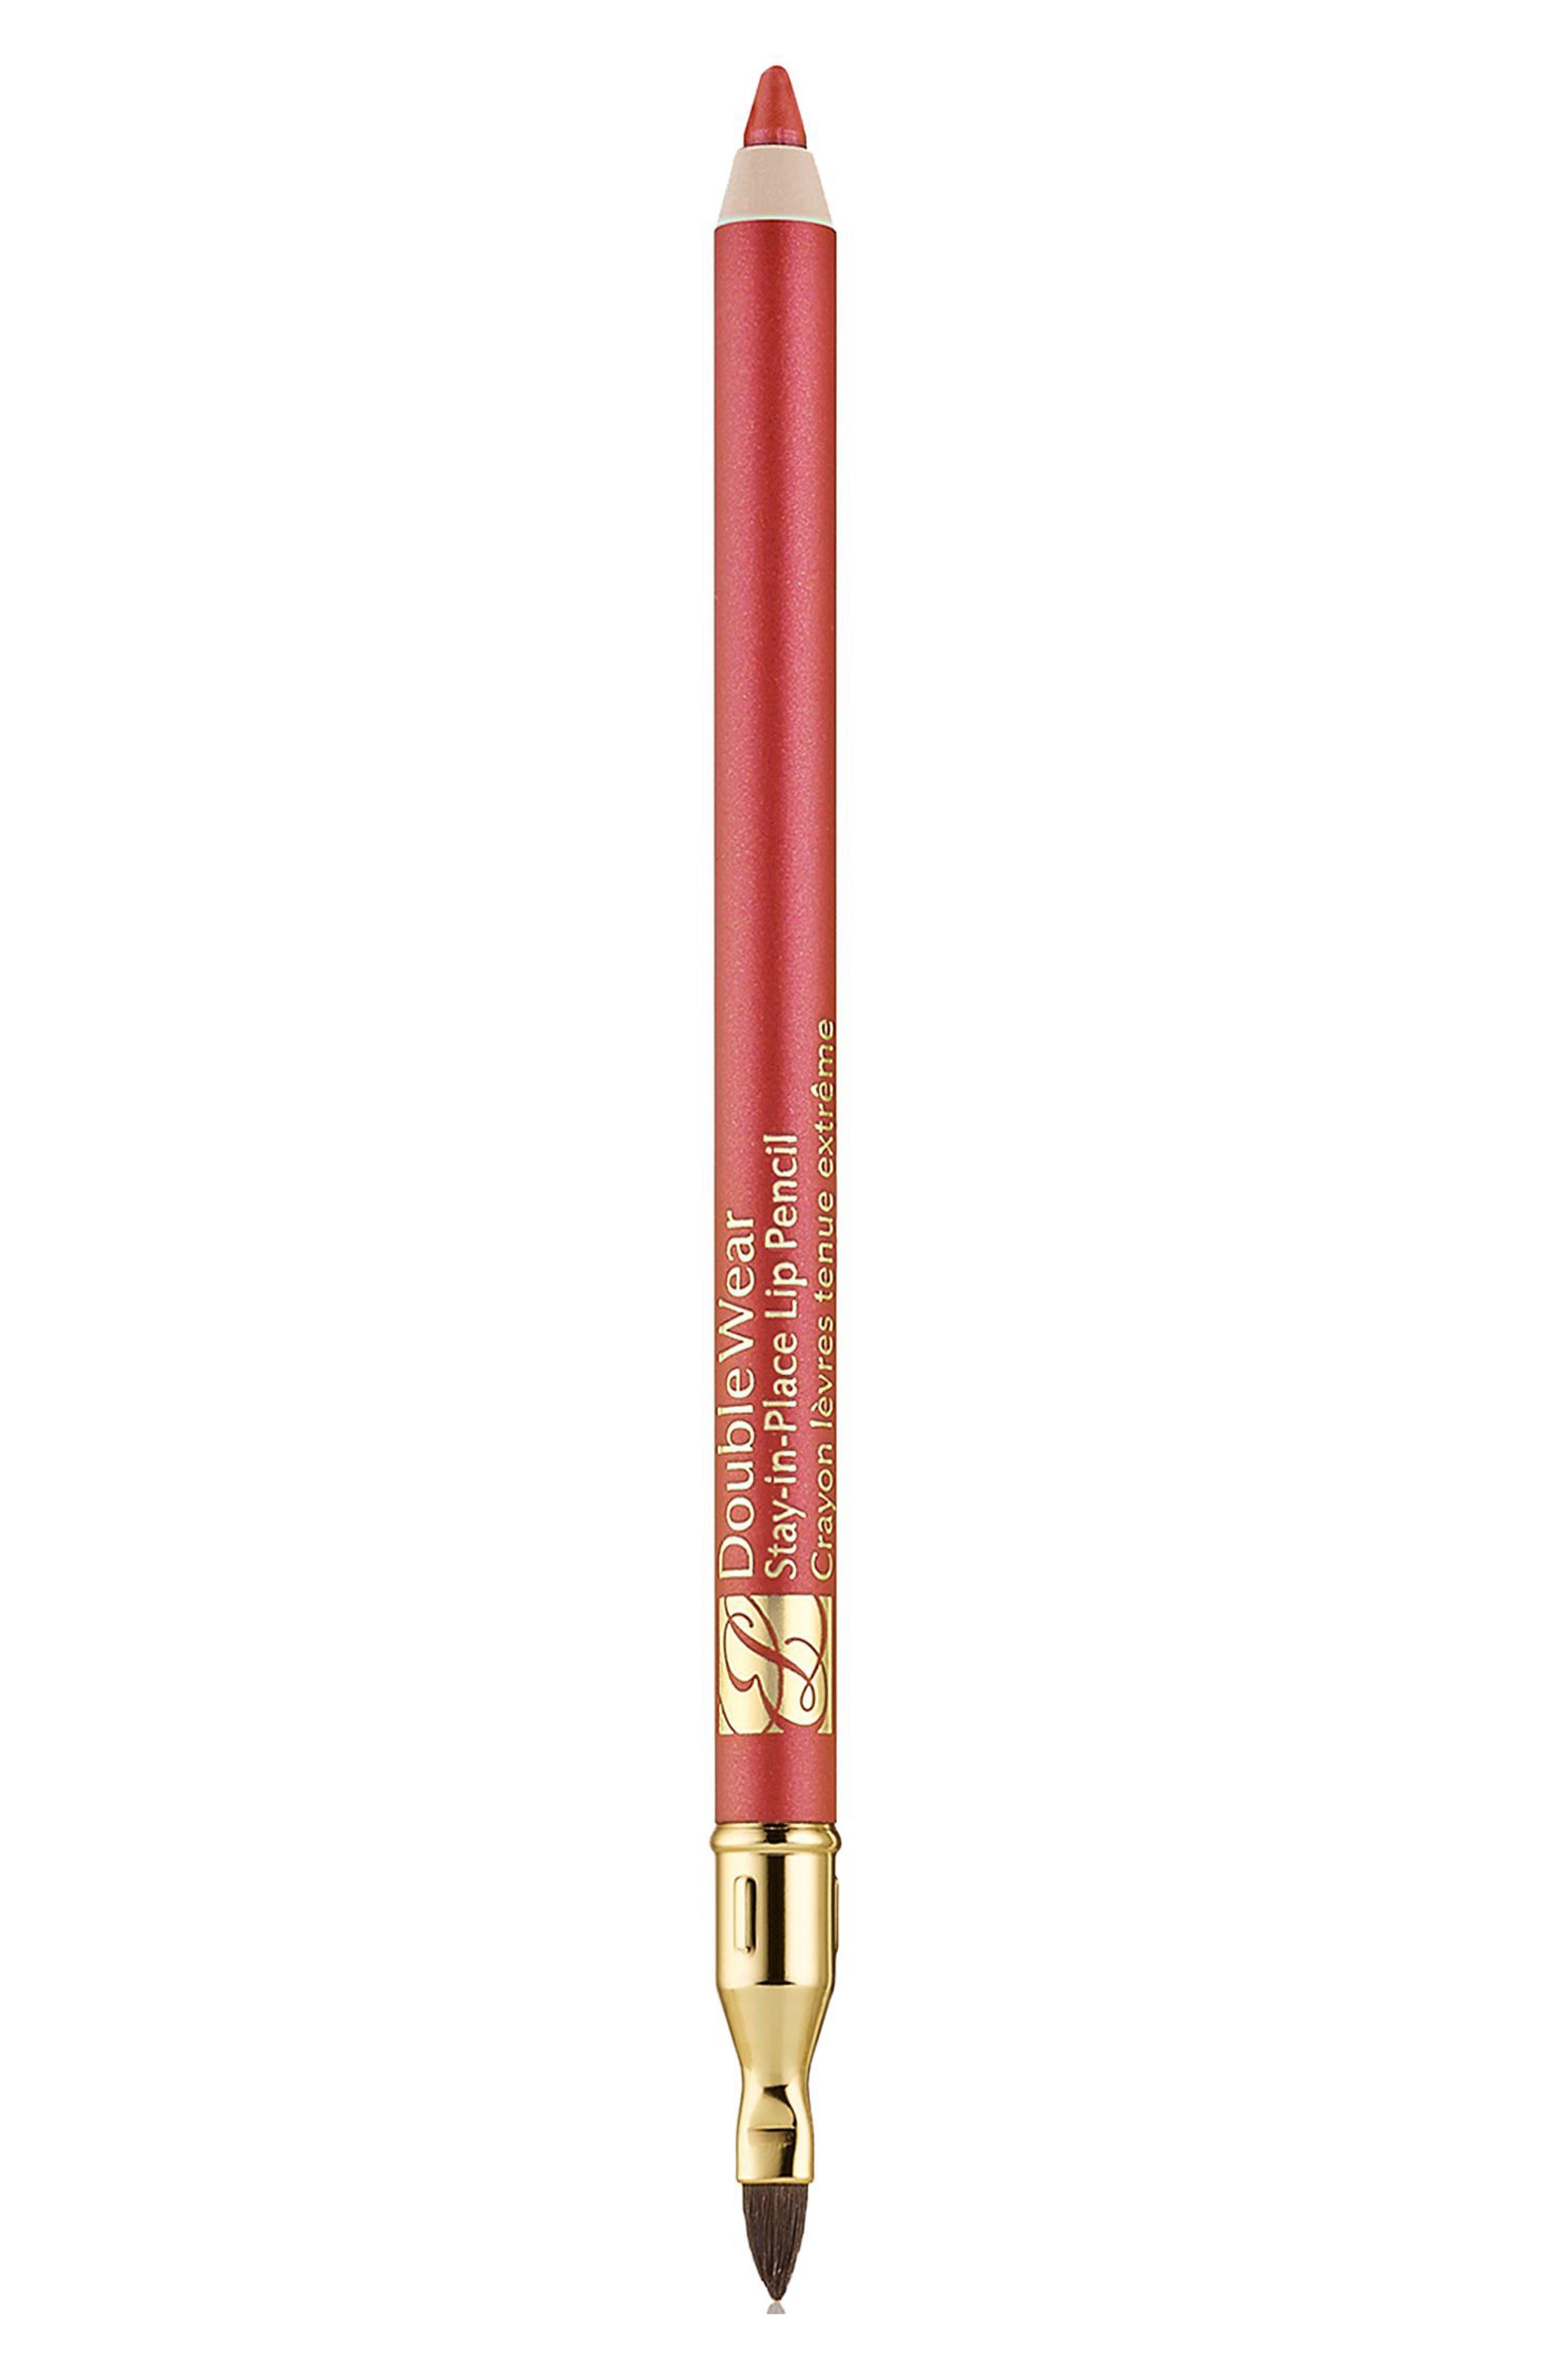 Estee Lauder Double Wear Stay-In-Place Lip Pencil -